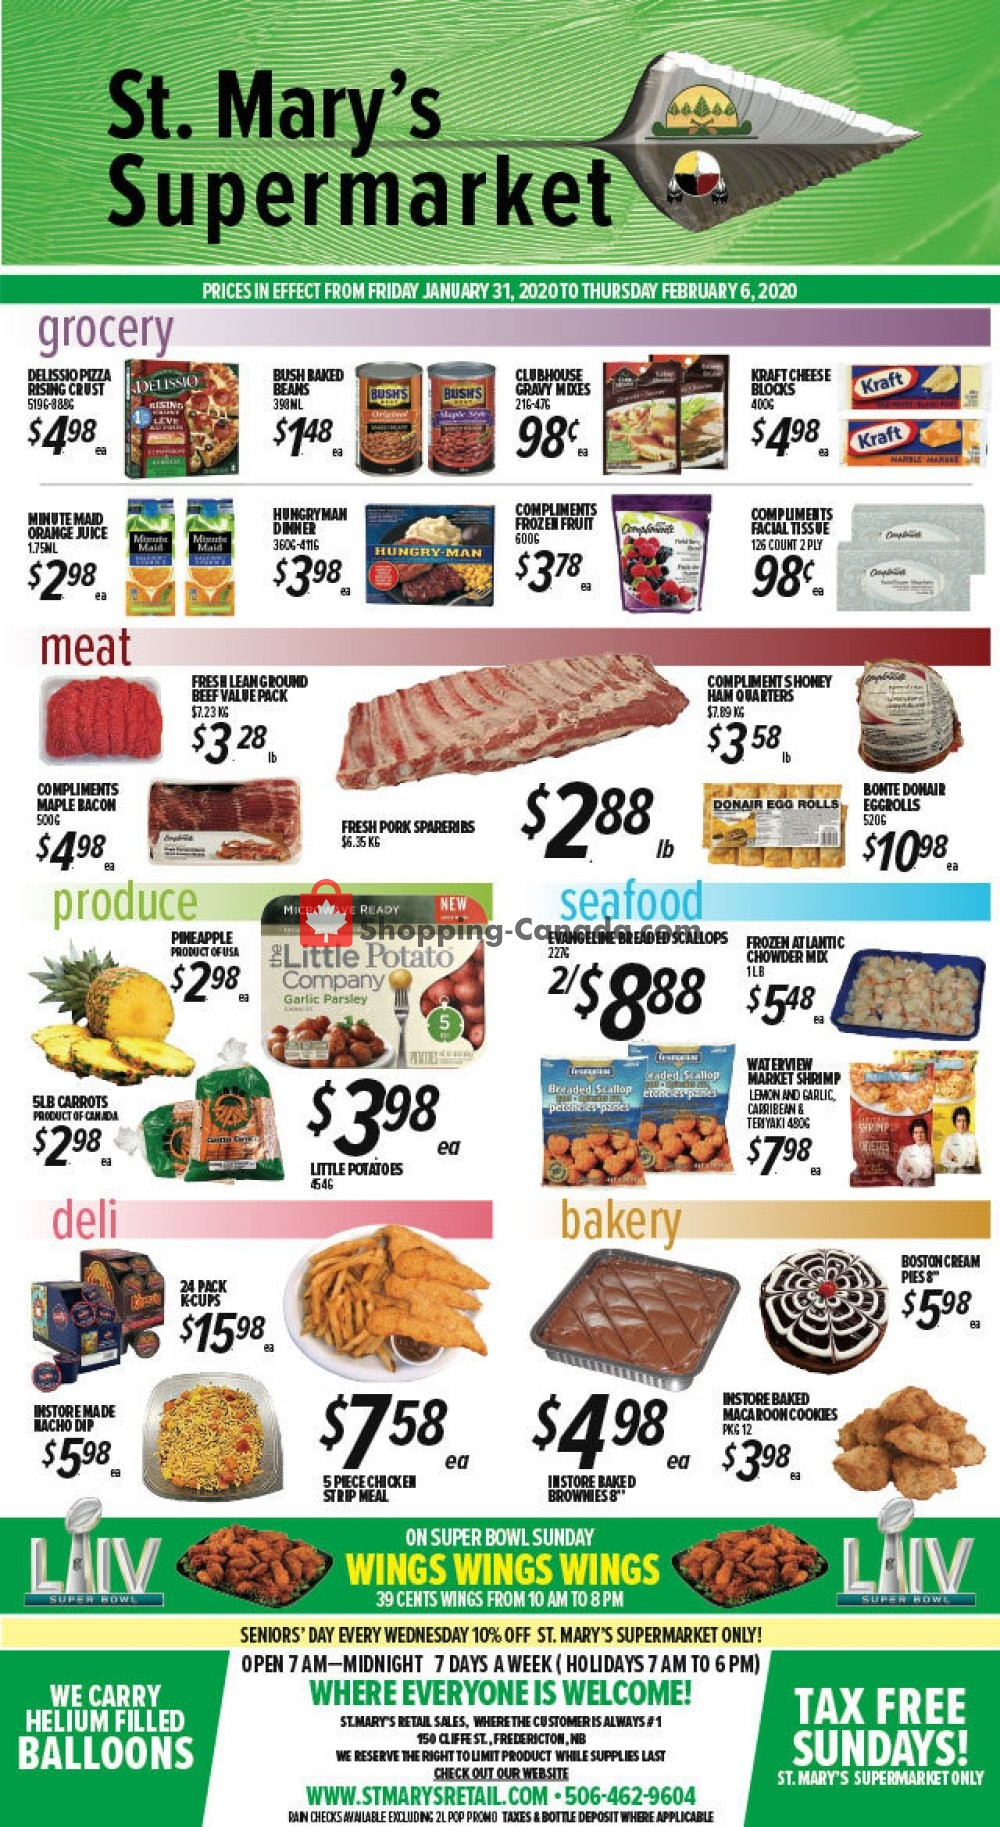 Flyer St. Mary's Supermarket Canada - from Friday January 31, 2020 to Thursday February 6, 2020